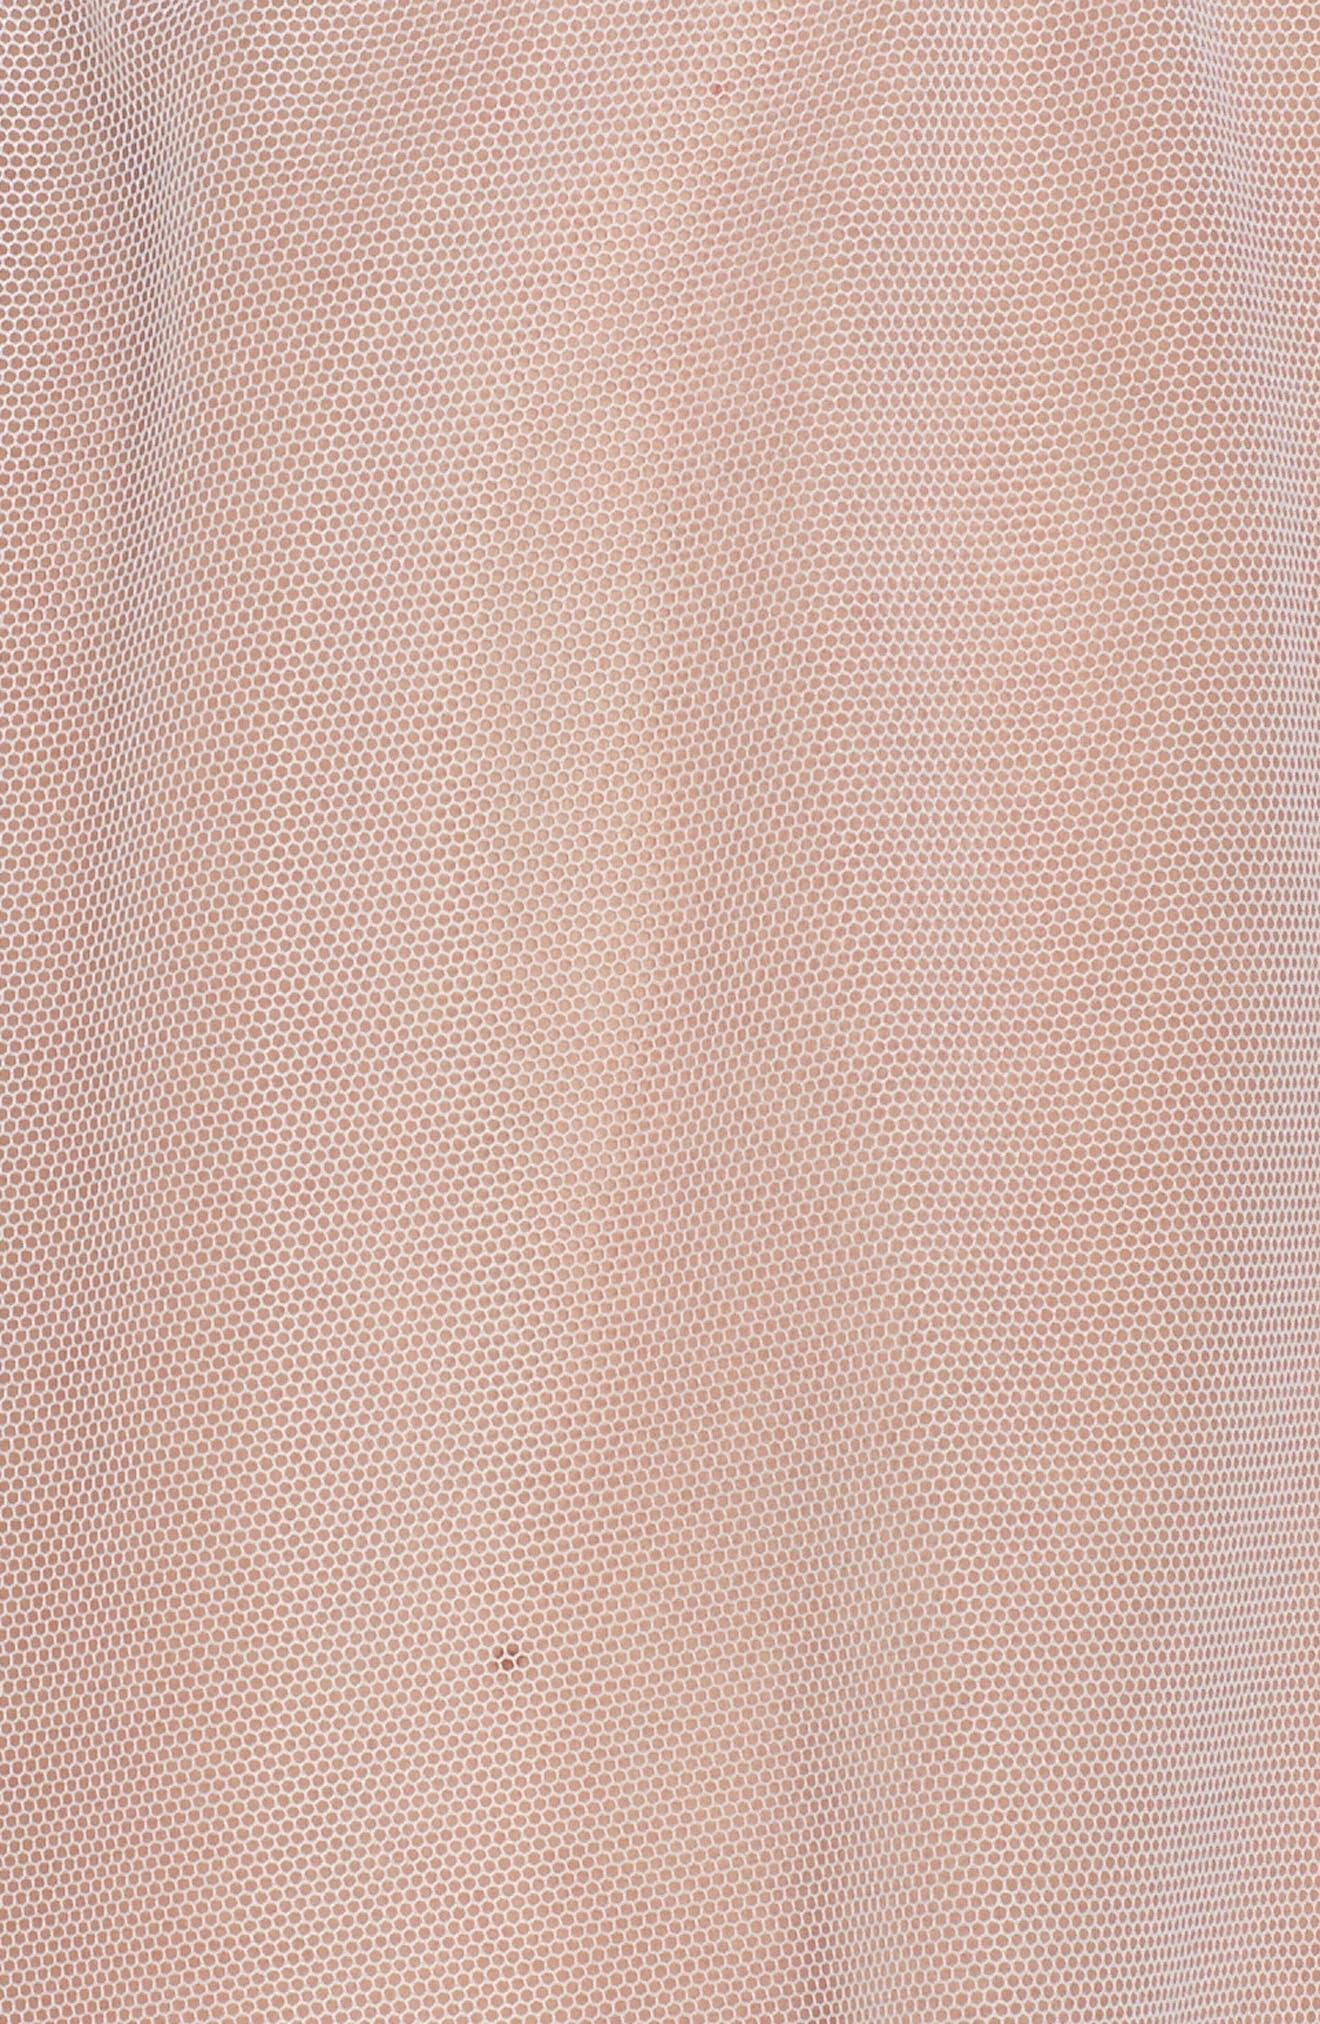 Lauryn Babydoll Chemise, G-String & Garter Set,                             Alternate thumbnail 6, color,                             White